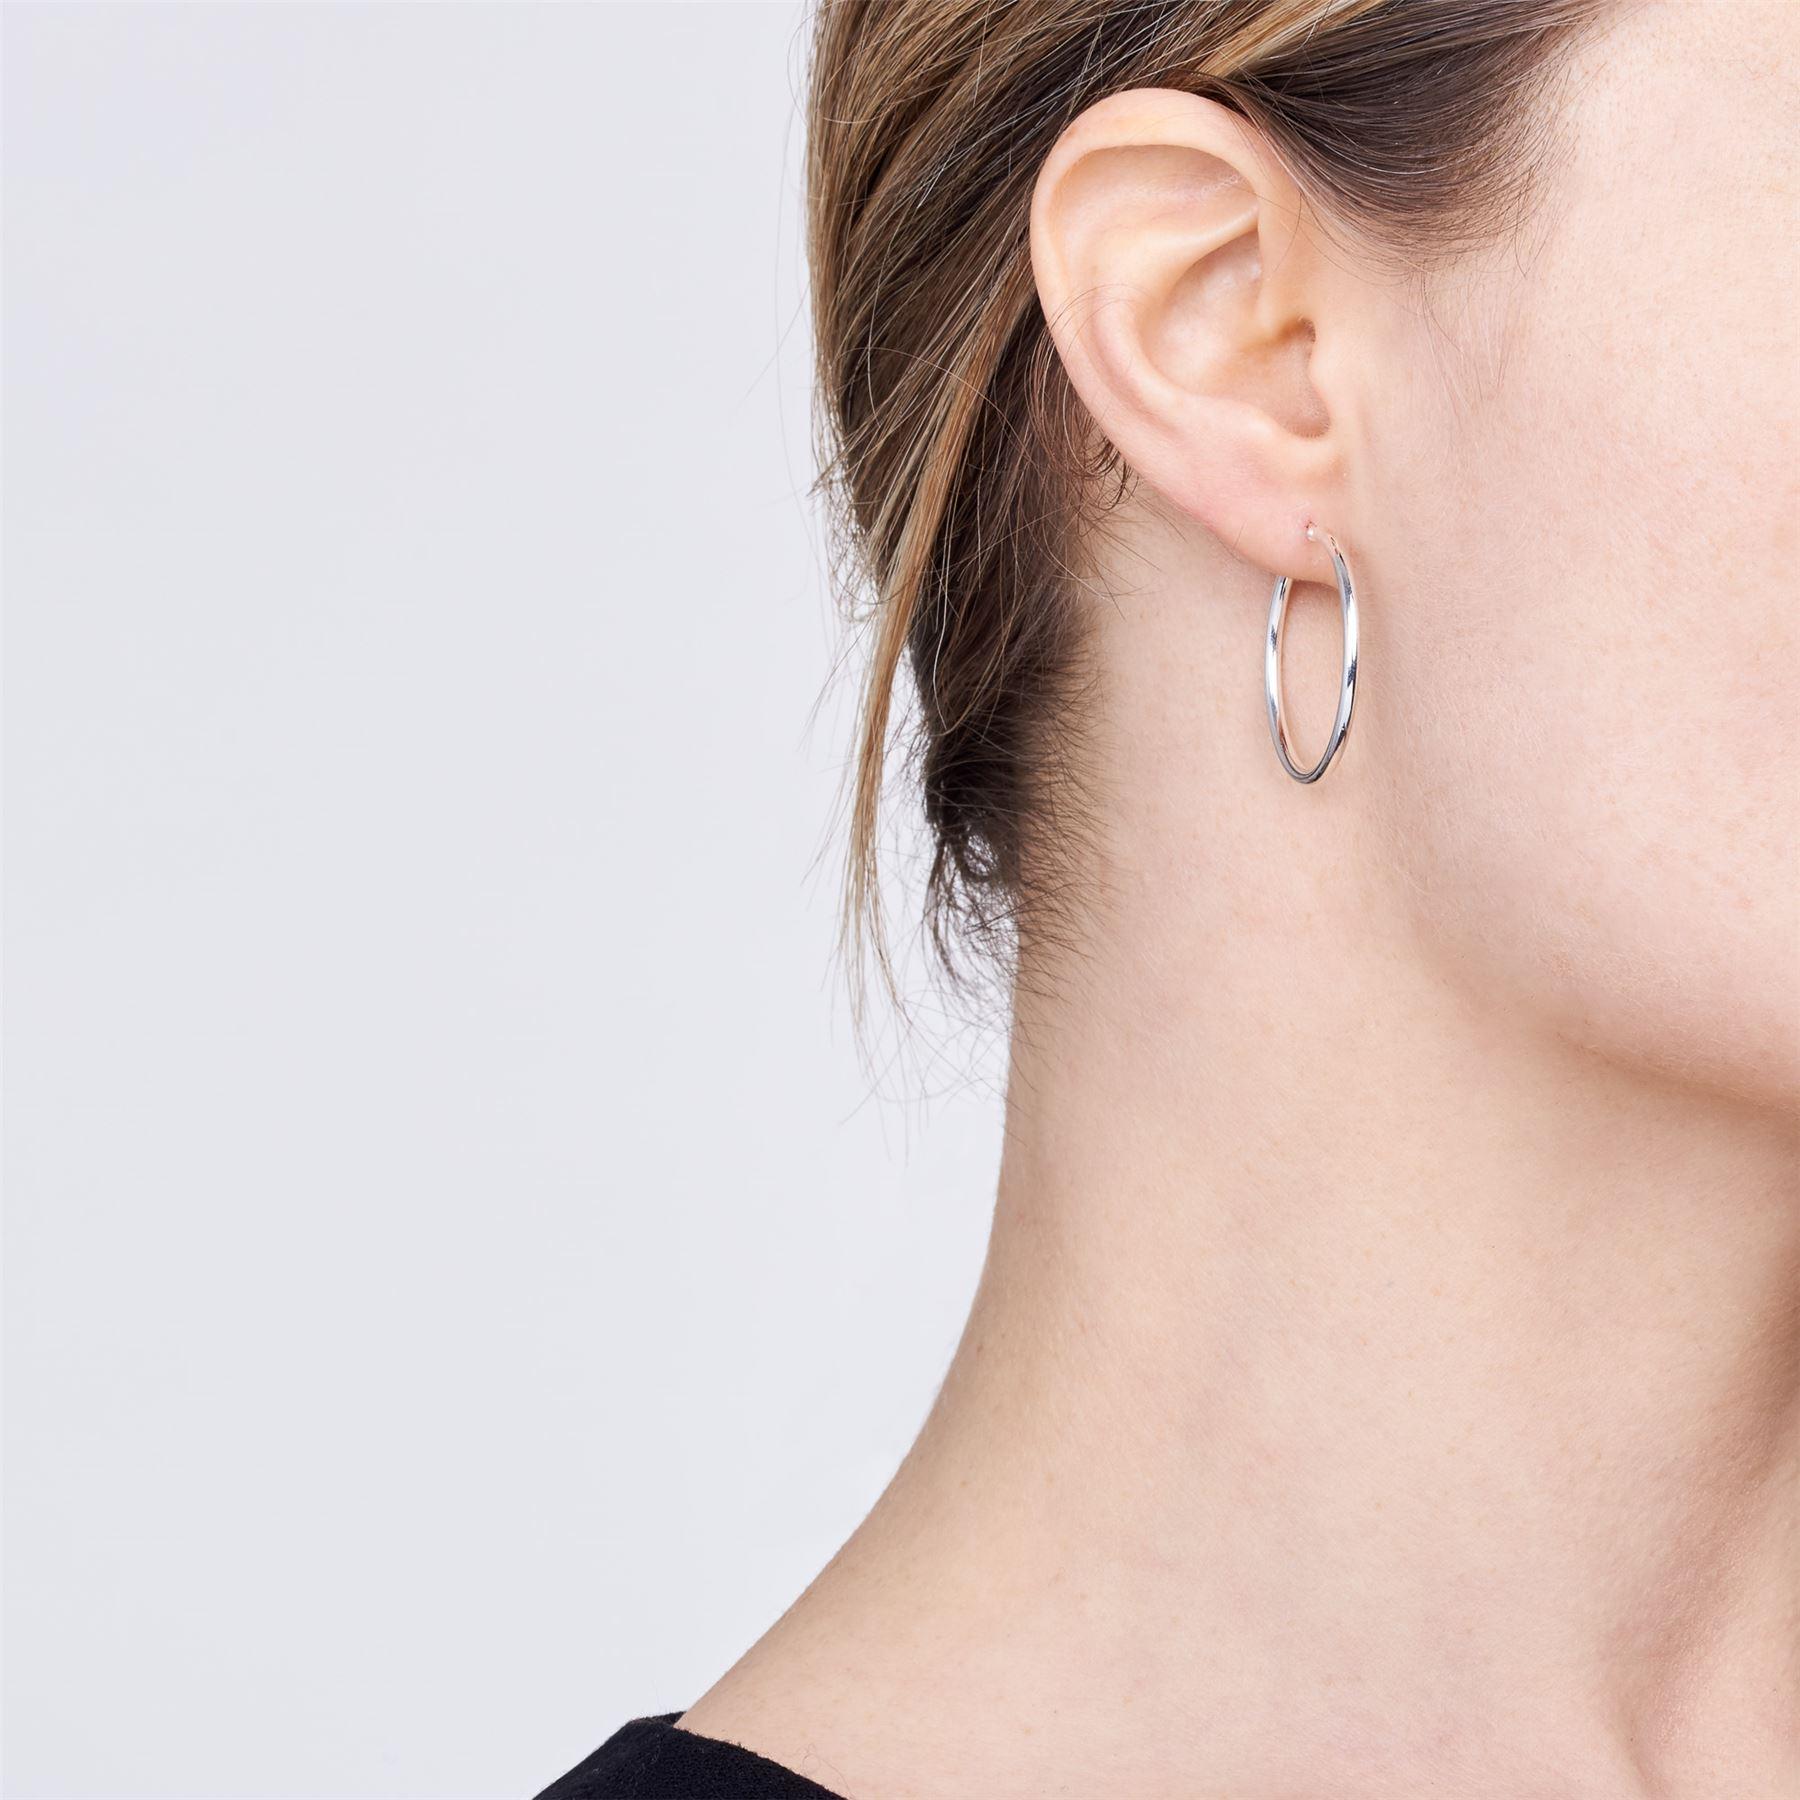 Amberta-Pendientes-para-Mujer-Aros-en-Plata-De-Ley-925-Autentica-Estilo-Clasico miniatura 23